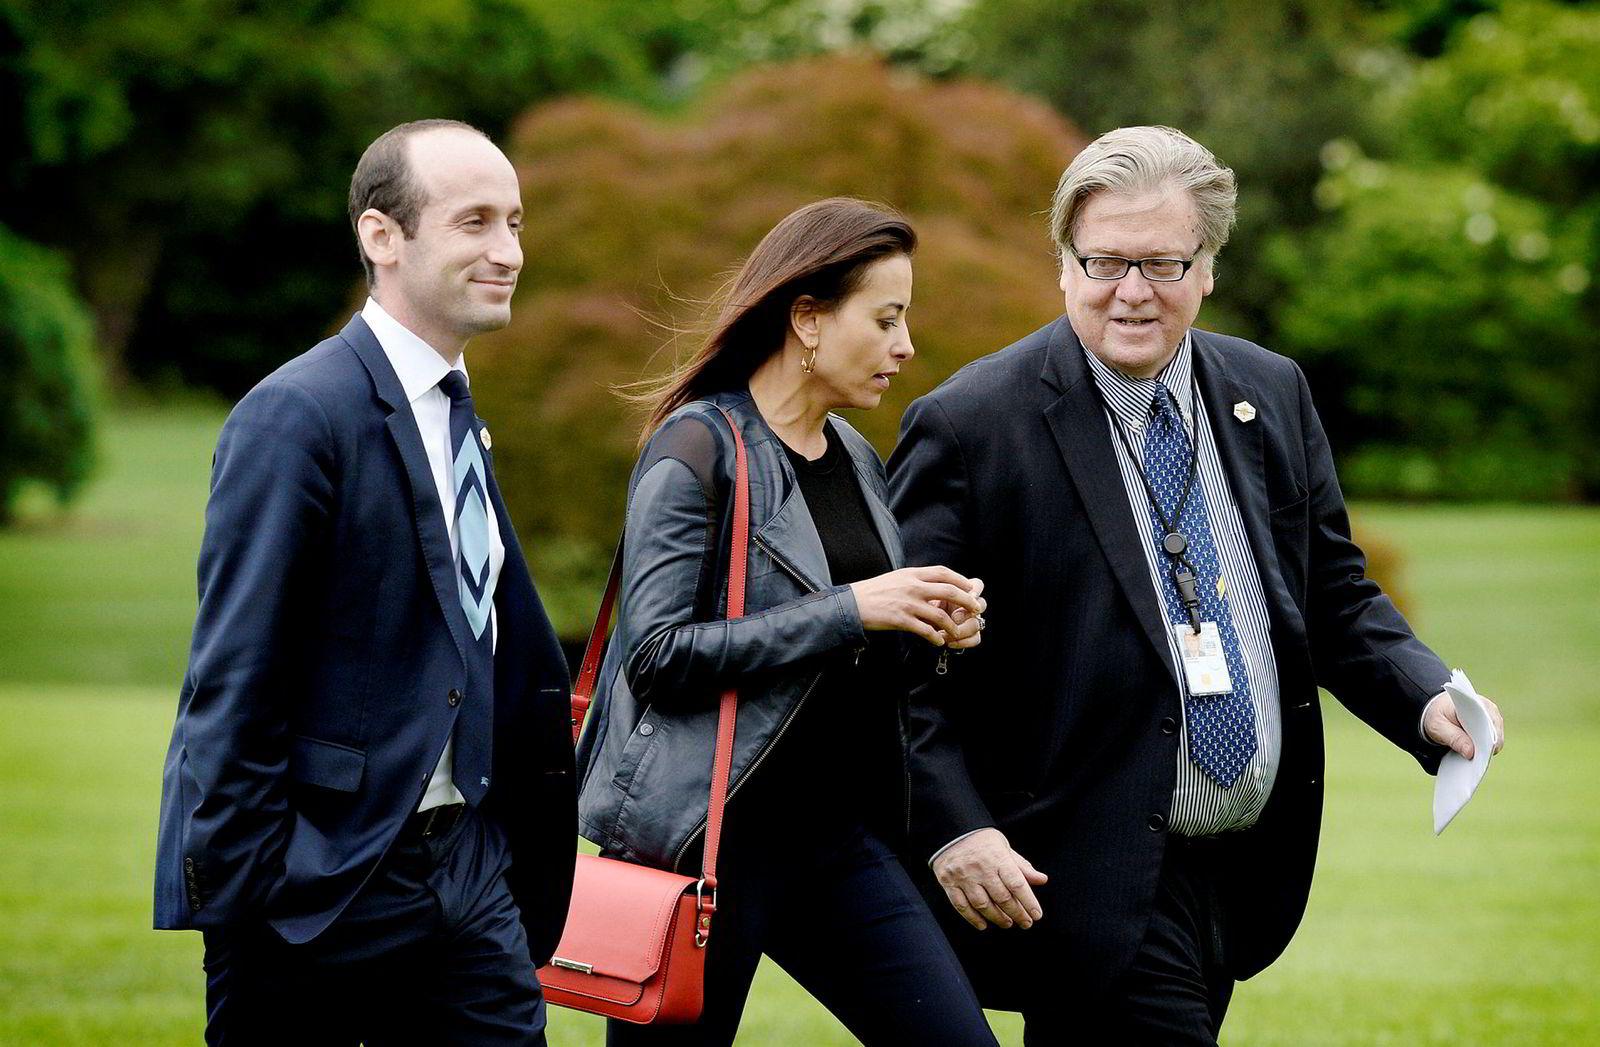 Stephen Miller (til venstre) og Steve Bannon blir av forsker Brian Klaas omtalt som en del av populistene i Det hvite hus. Her sammen med sikkerhetsrådgiver Dina Powell.